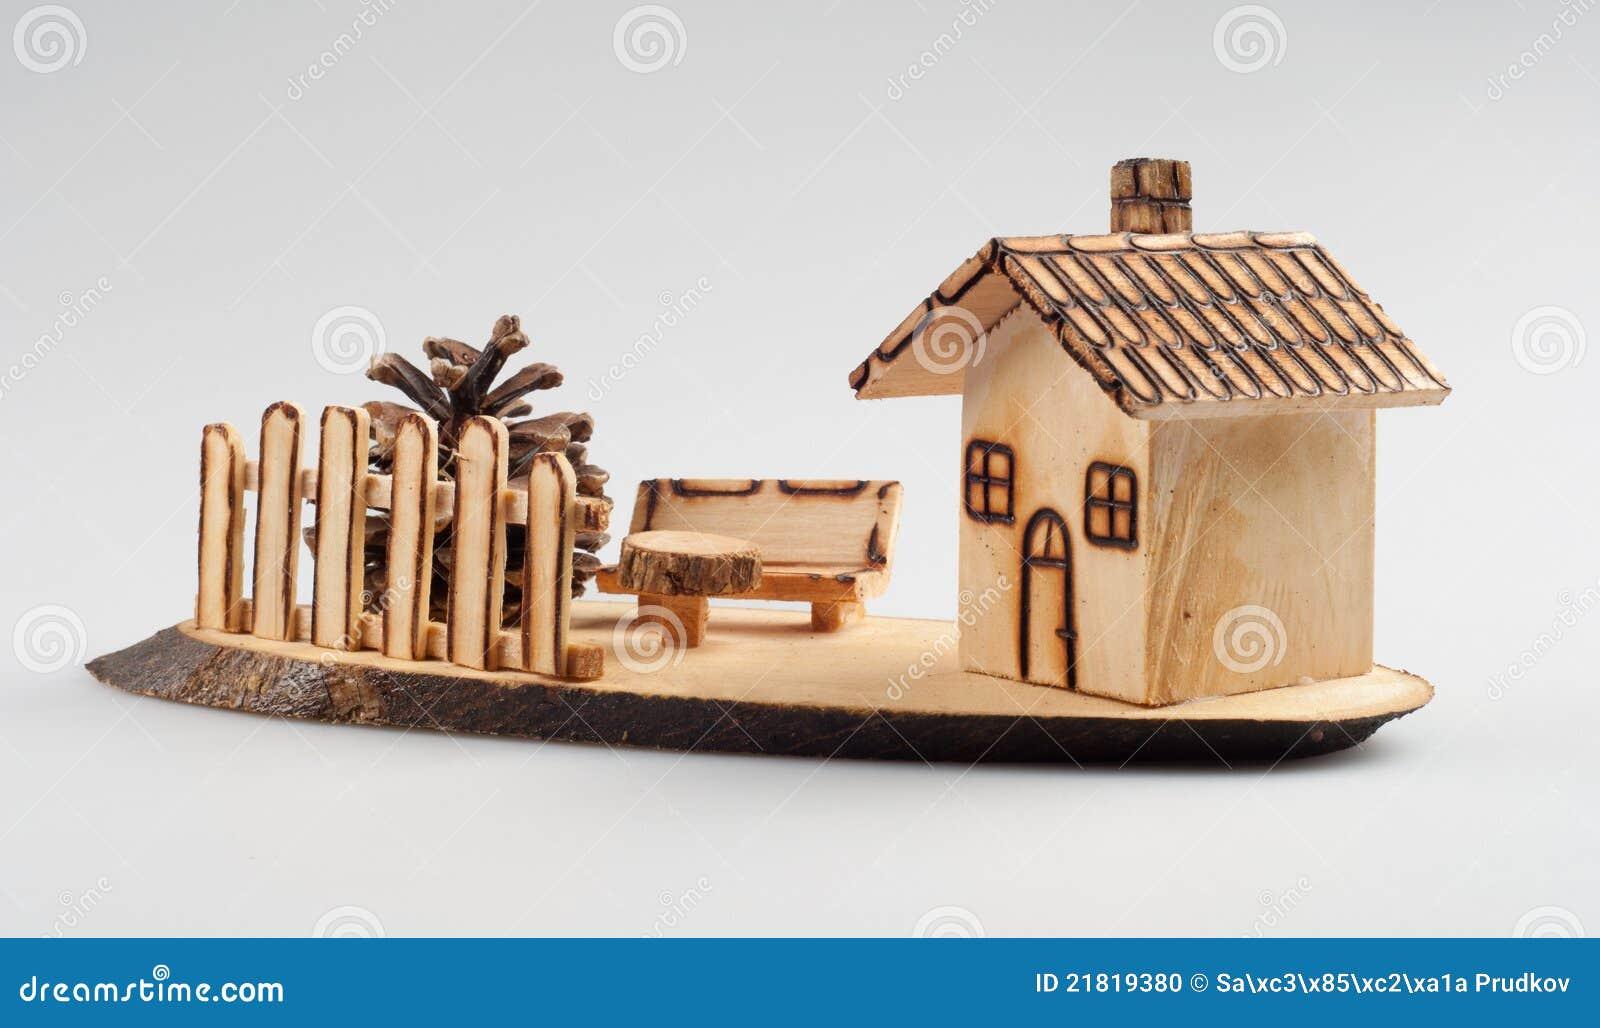 Petite Maison En Bois - Décoration Photo stock - Image: 21819380